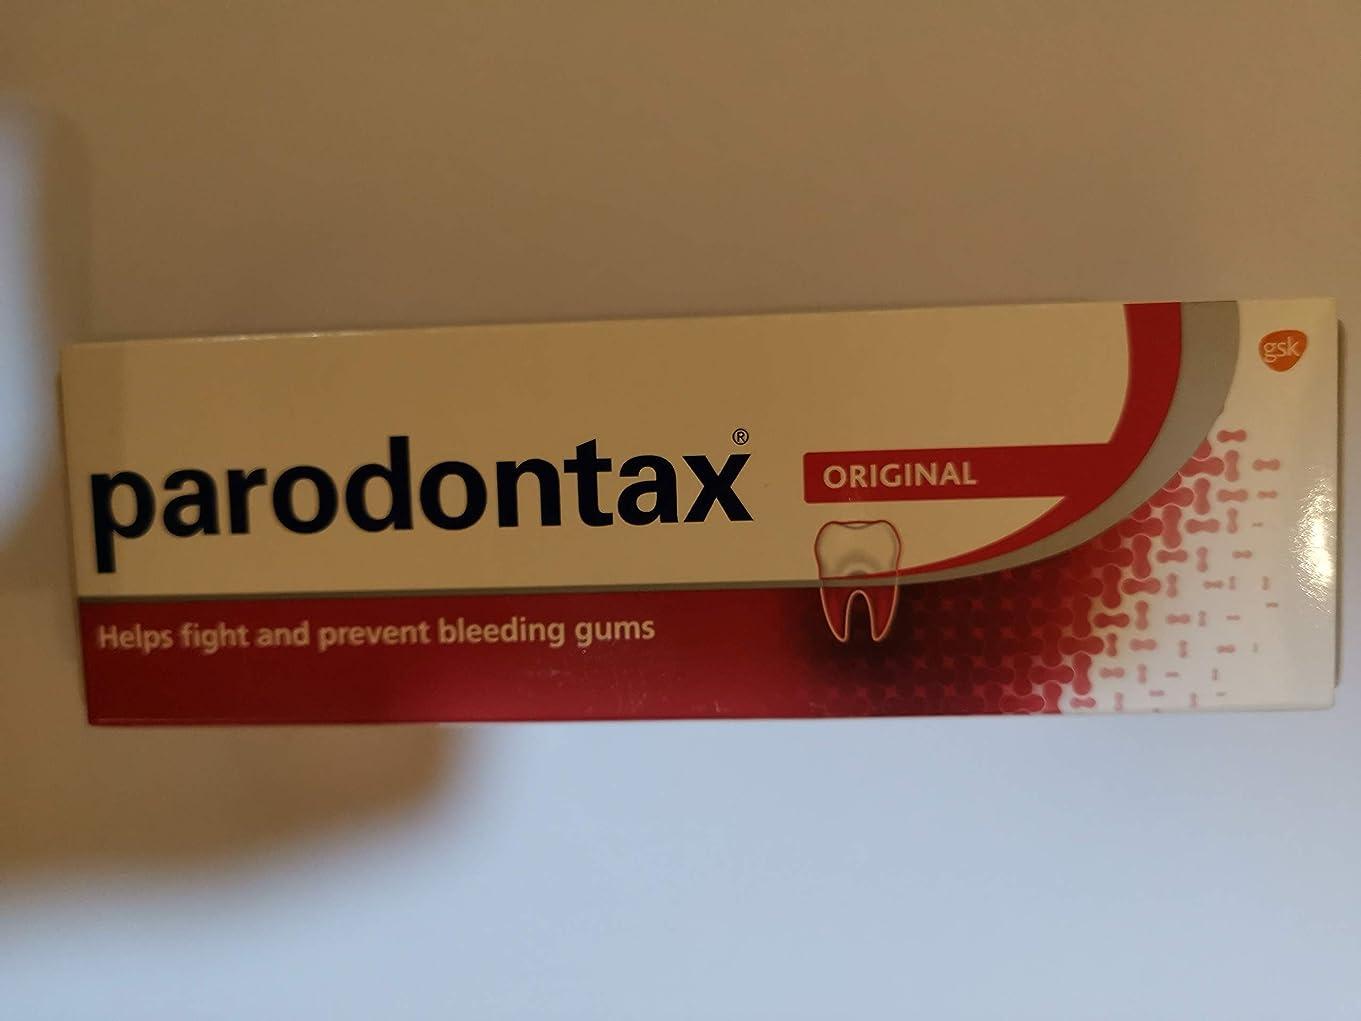 侵略画家式Parodontax 一日あたりのフッ化物歯磨き粉(90グラム)フッ化物歯磨き粉の毎日は、歯垢の除去を助けると歯茎の出血を防ぐことができます